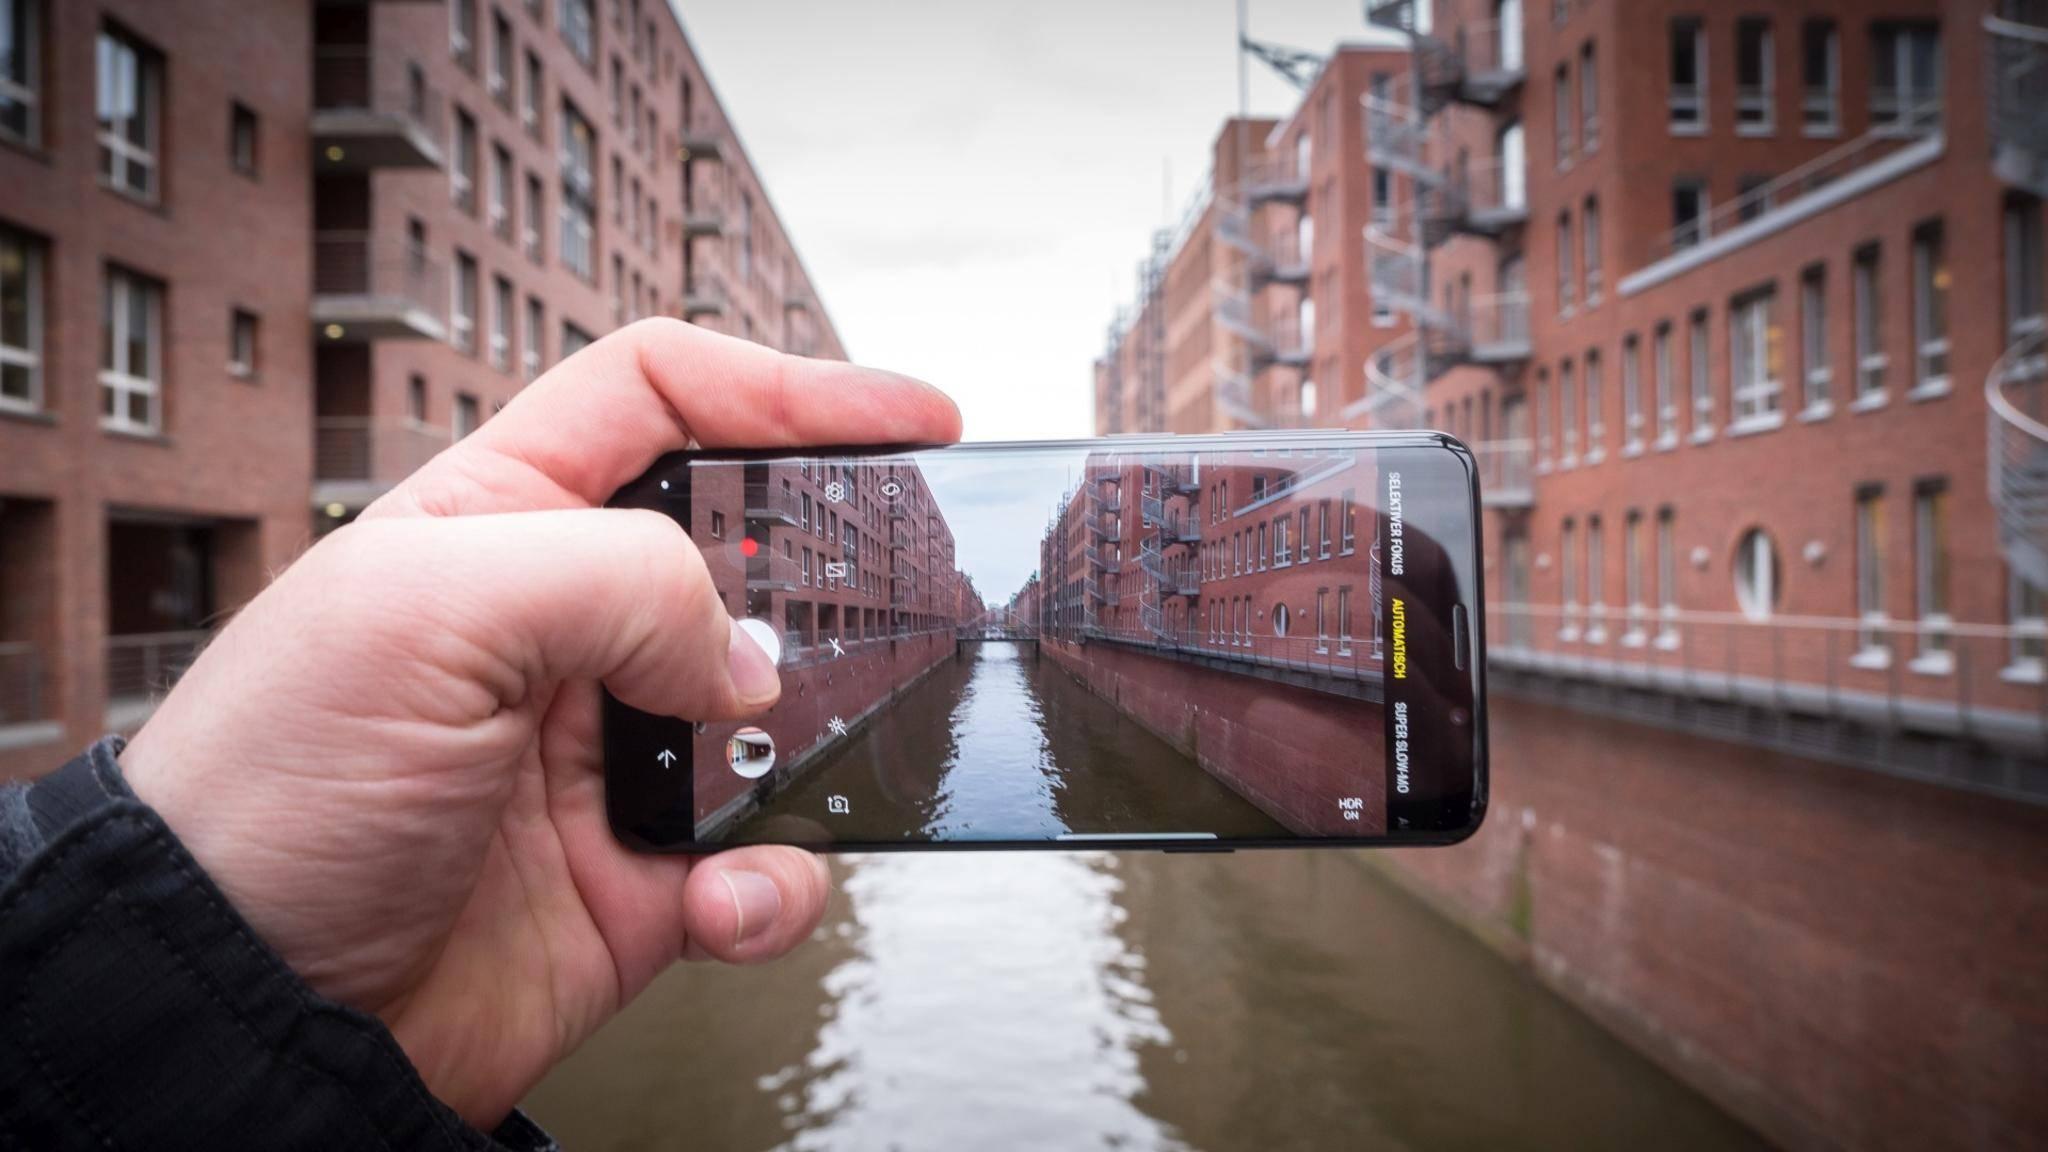 Das Galaxy S9 verkauft sich nicht wie erwartet. Kommen Galaxy Note 9 und S10 daher früher?